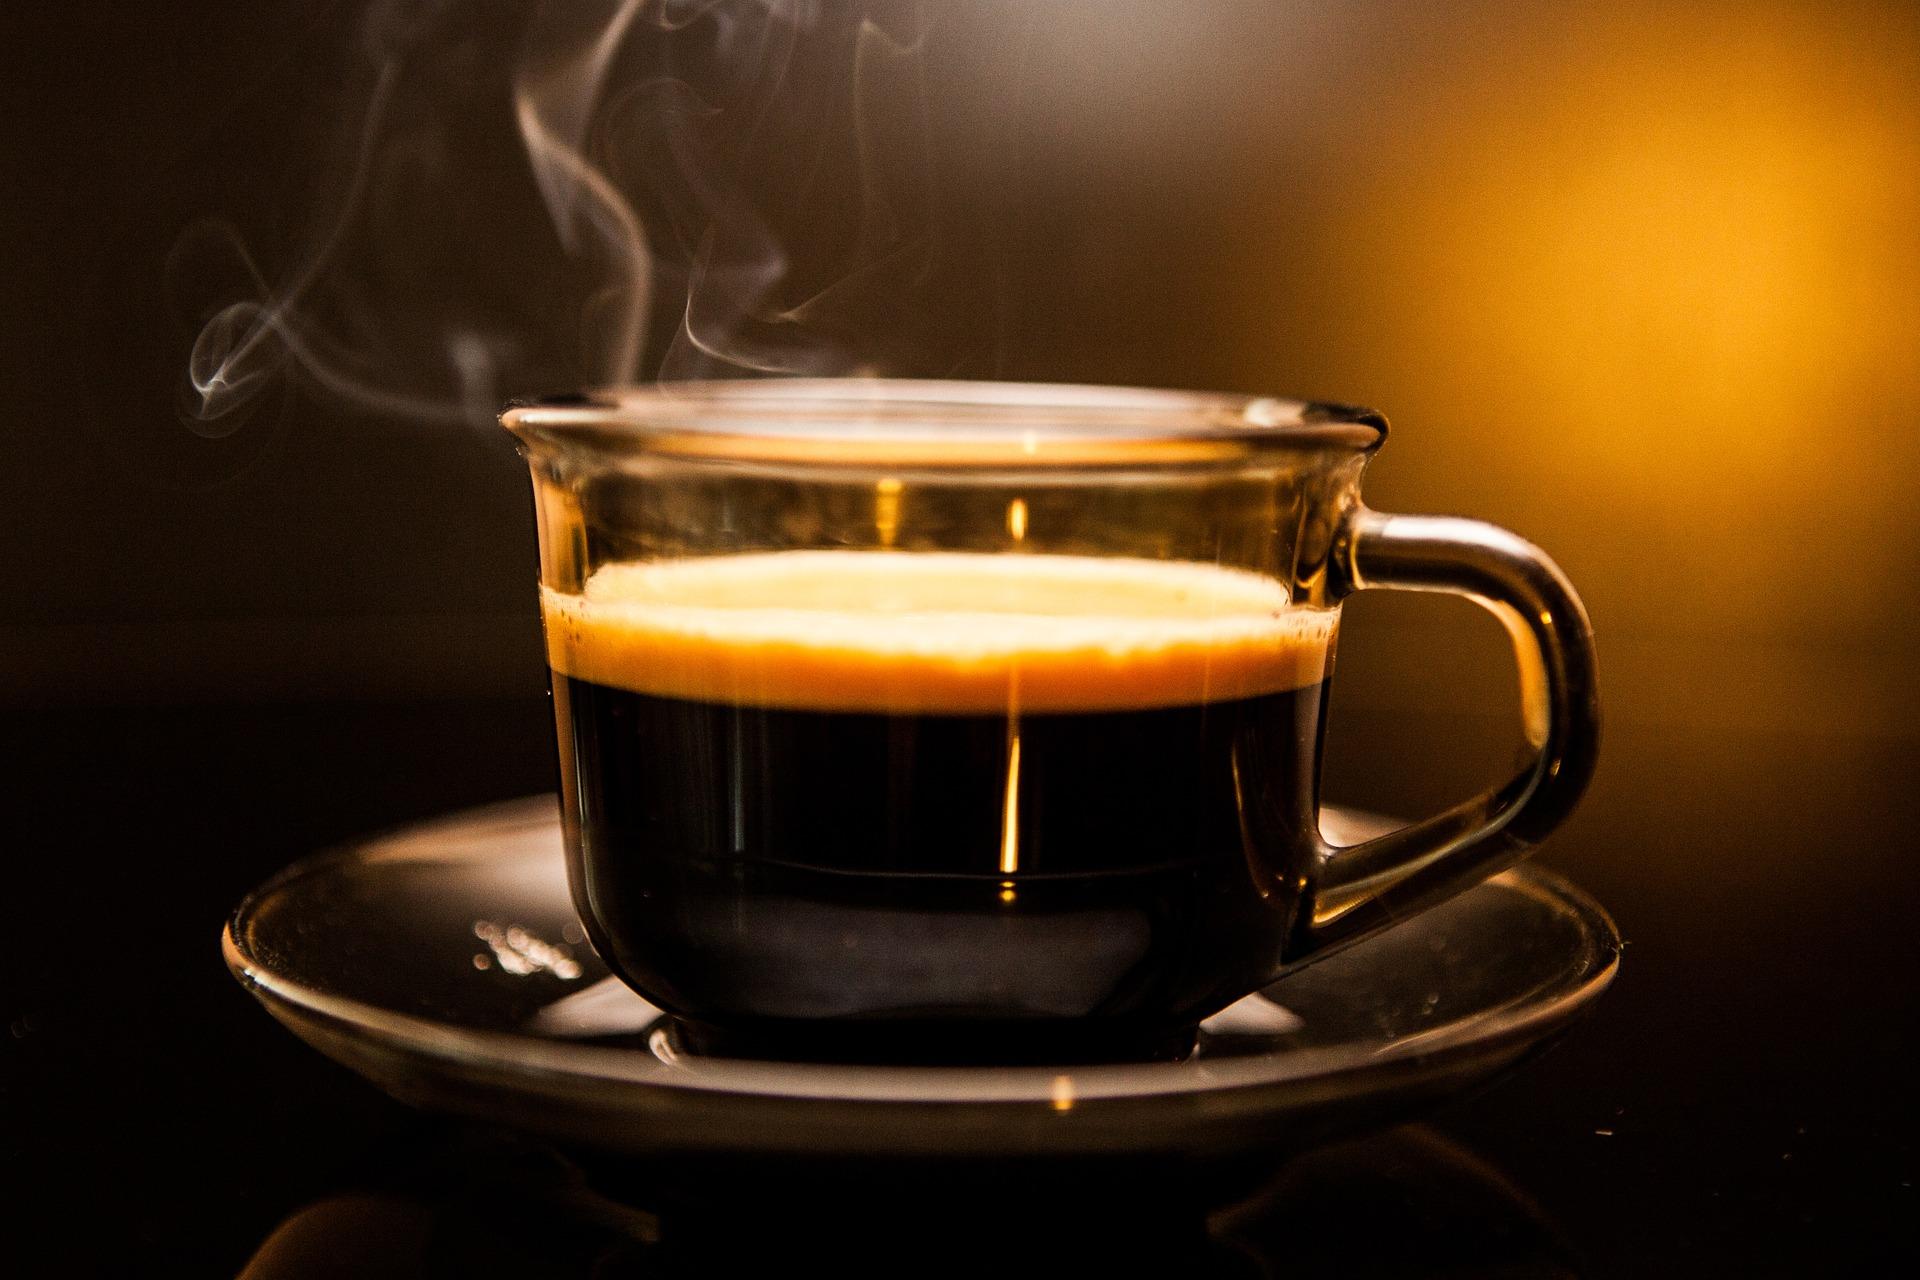 Čo všetko môže dať jedna šálka kvalitnej kávy vo vašom tele do poriadku?